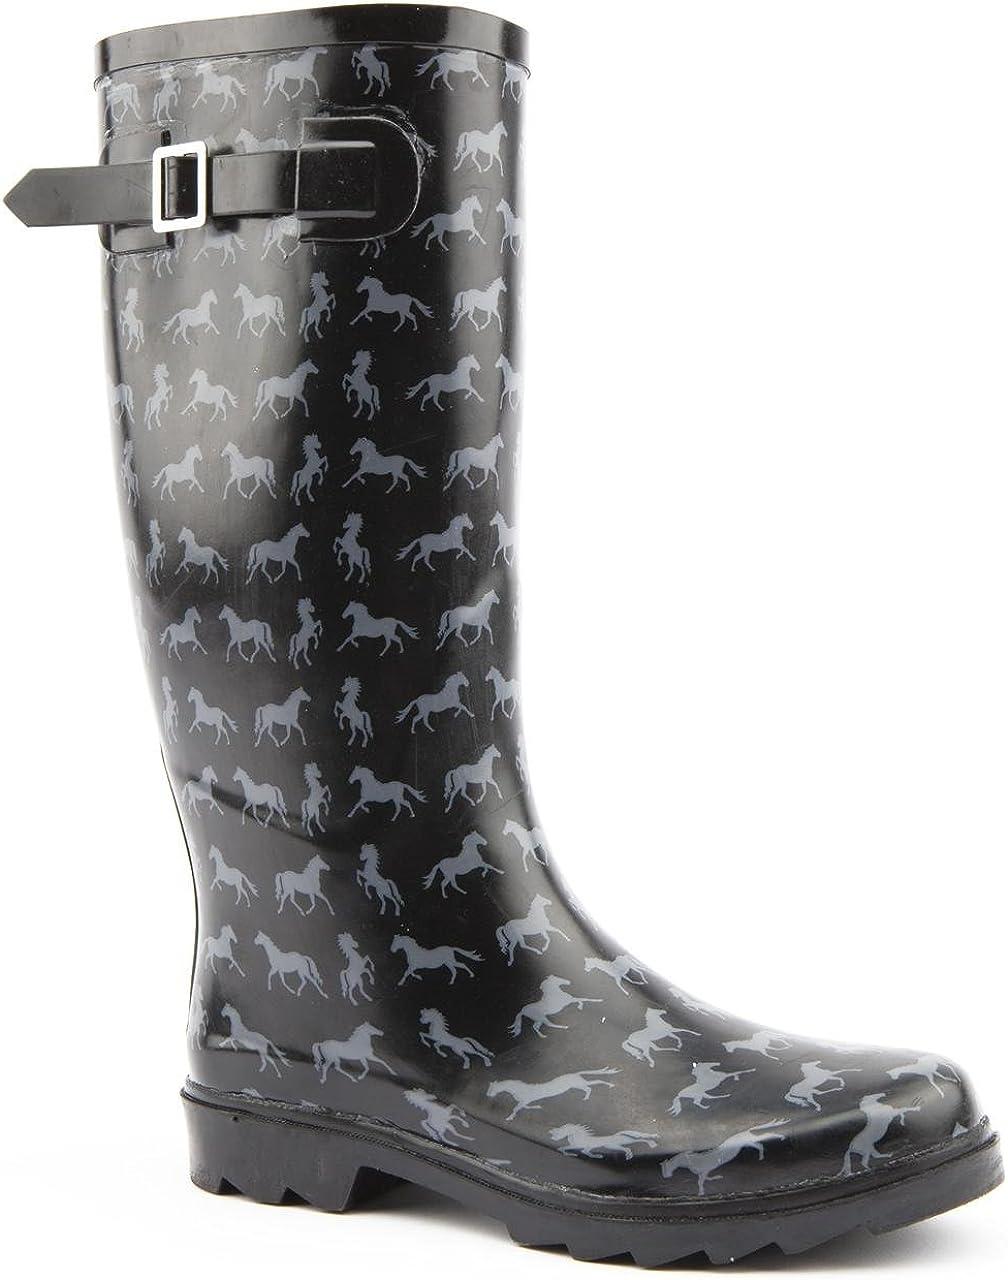 brantano co uk ladies boots